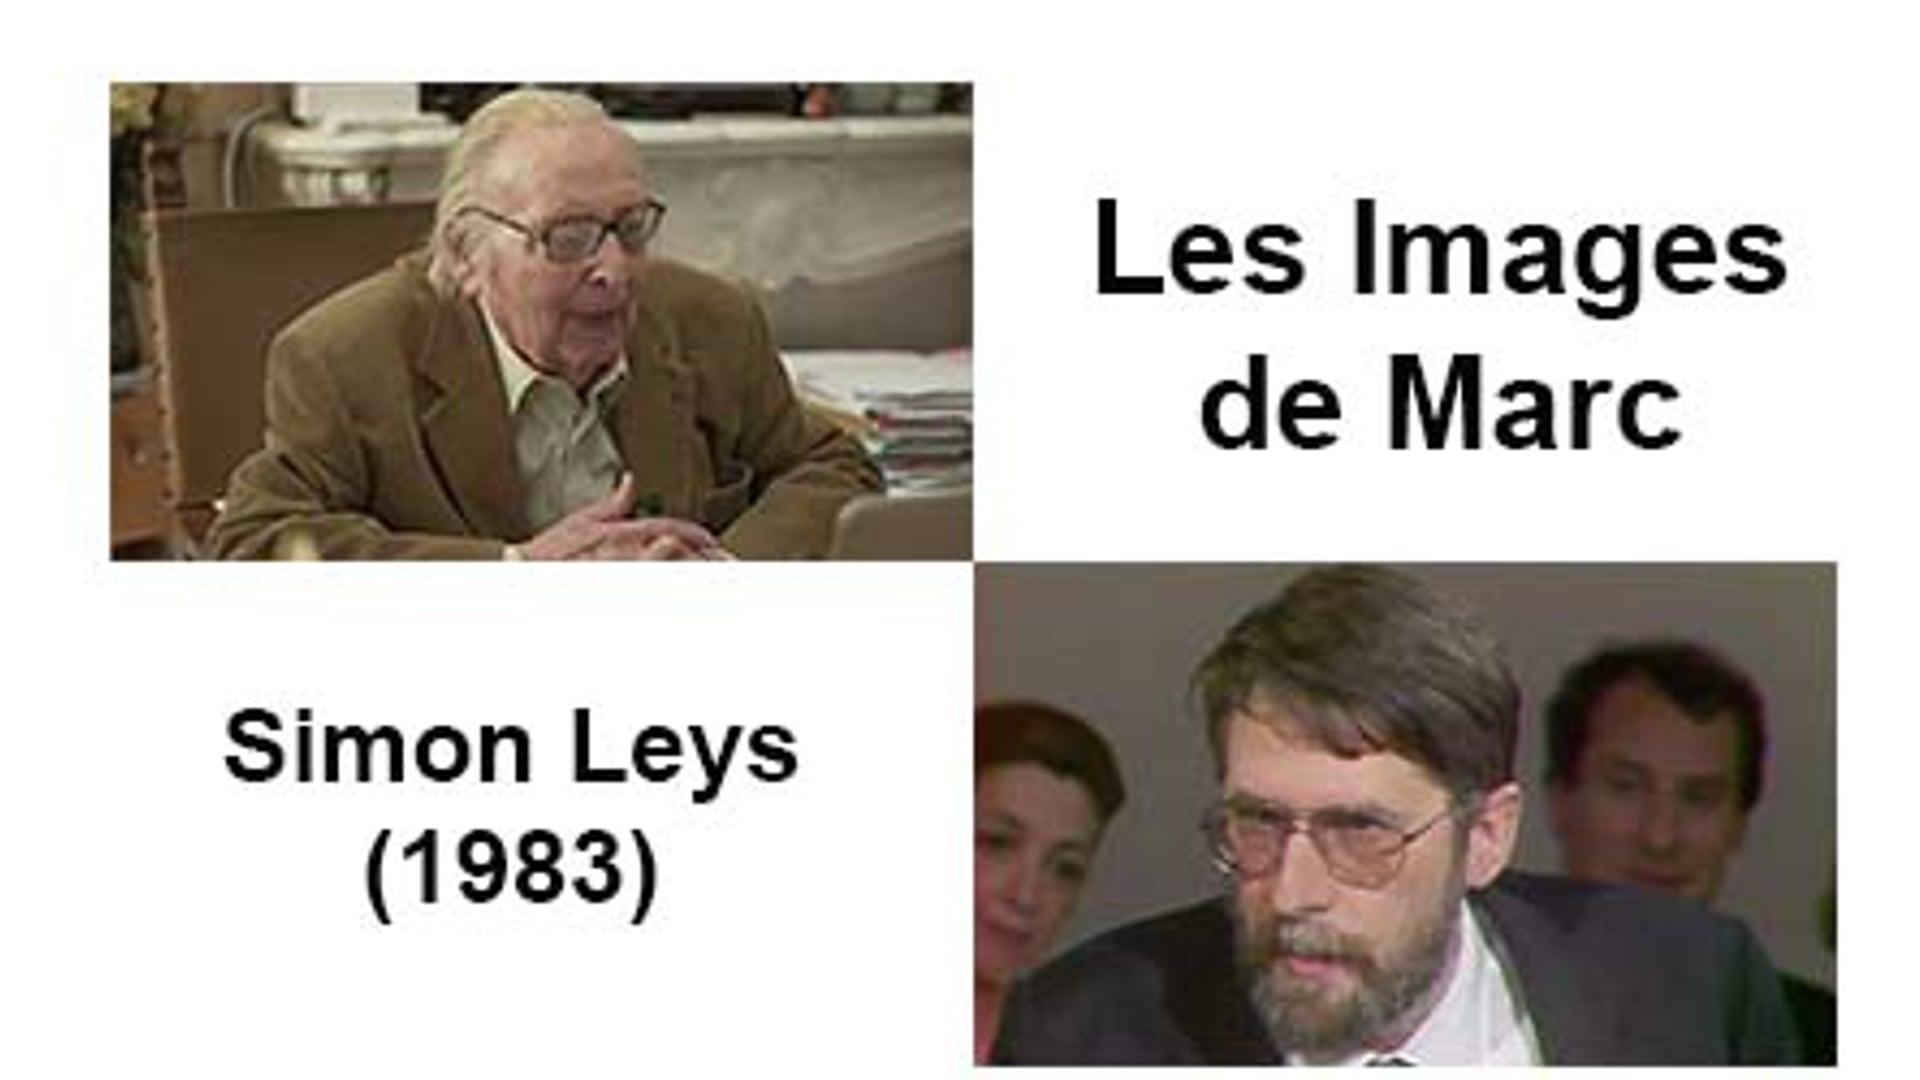 Simon Leys (1983)